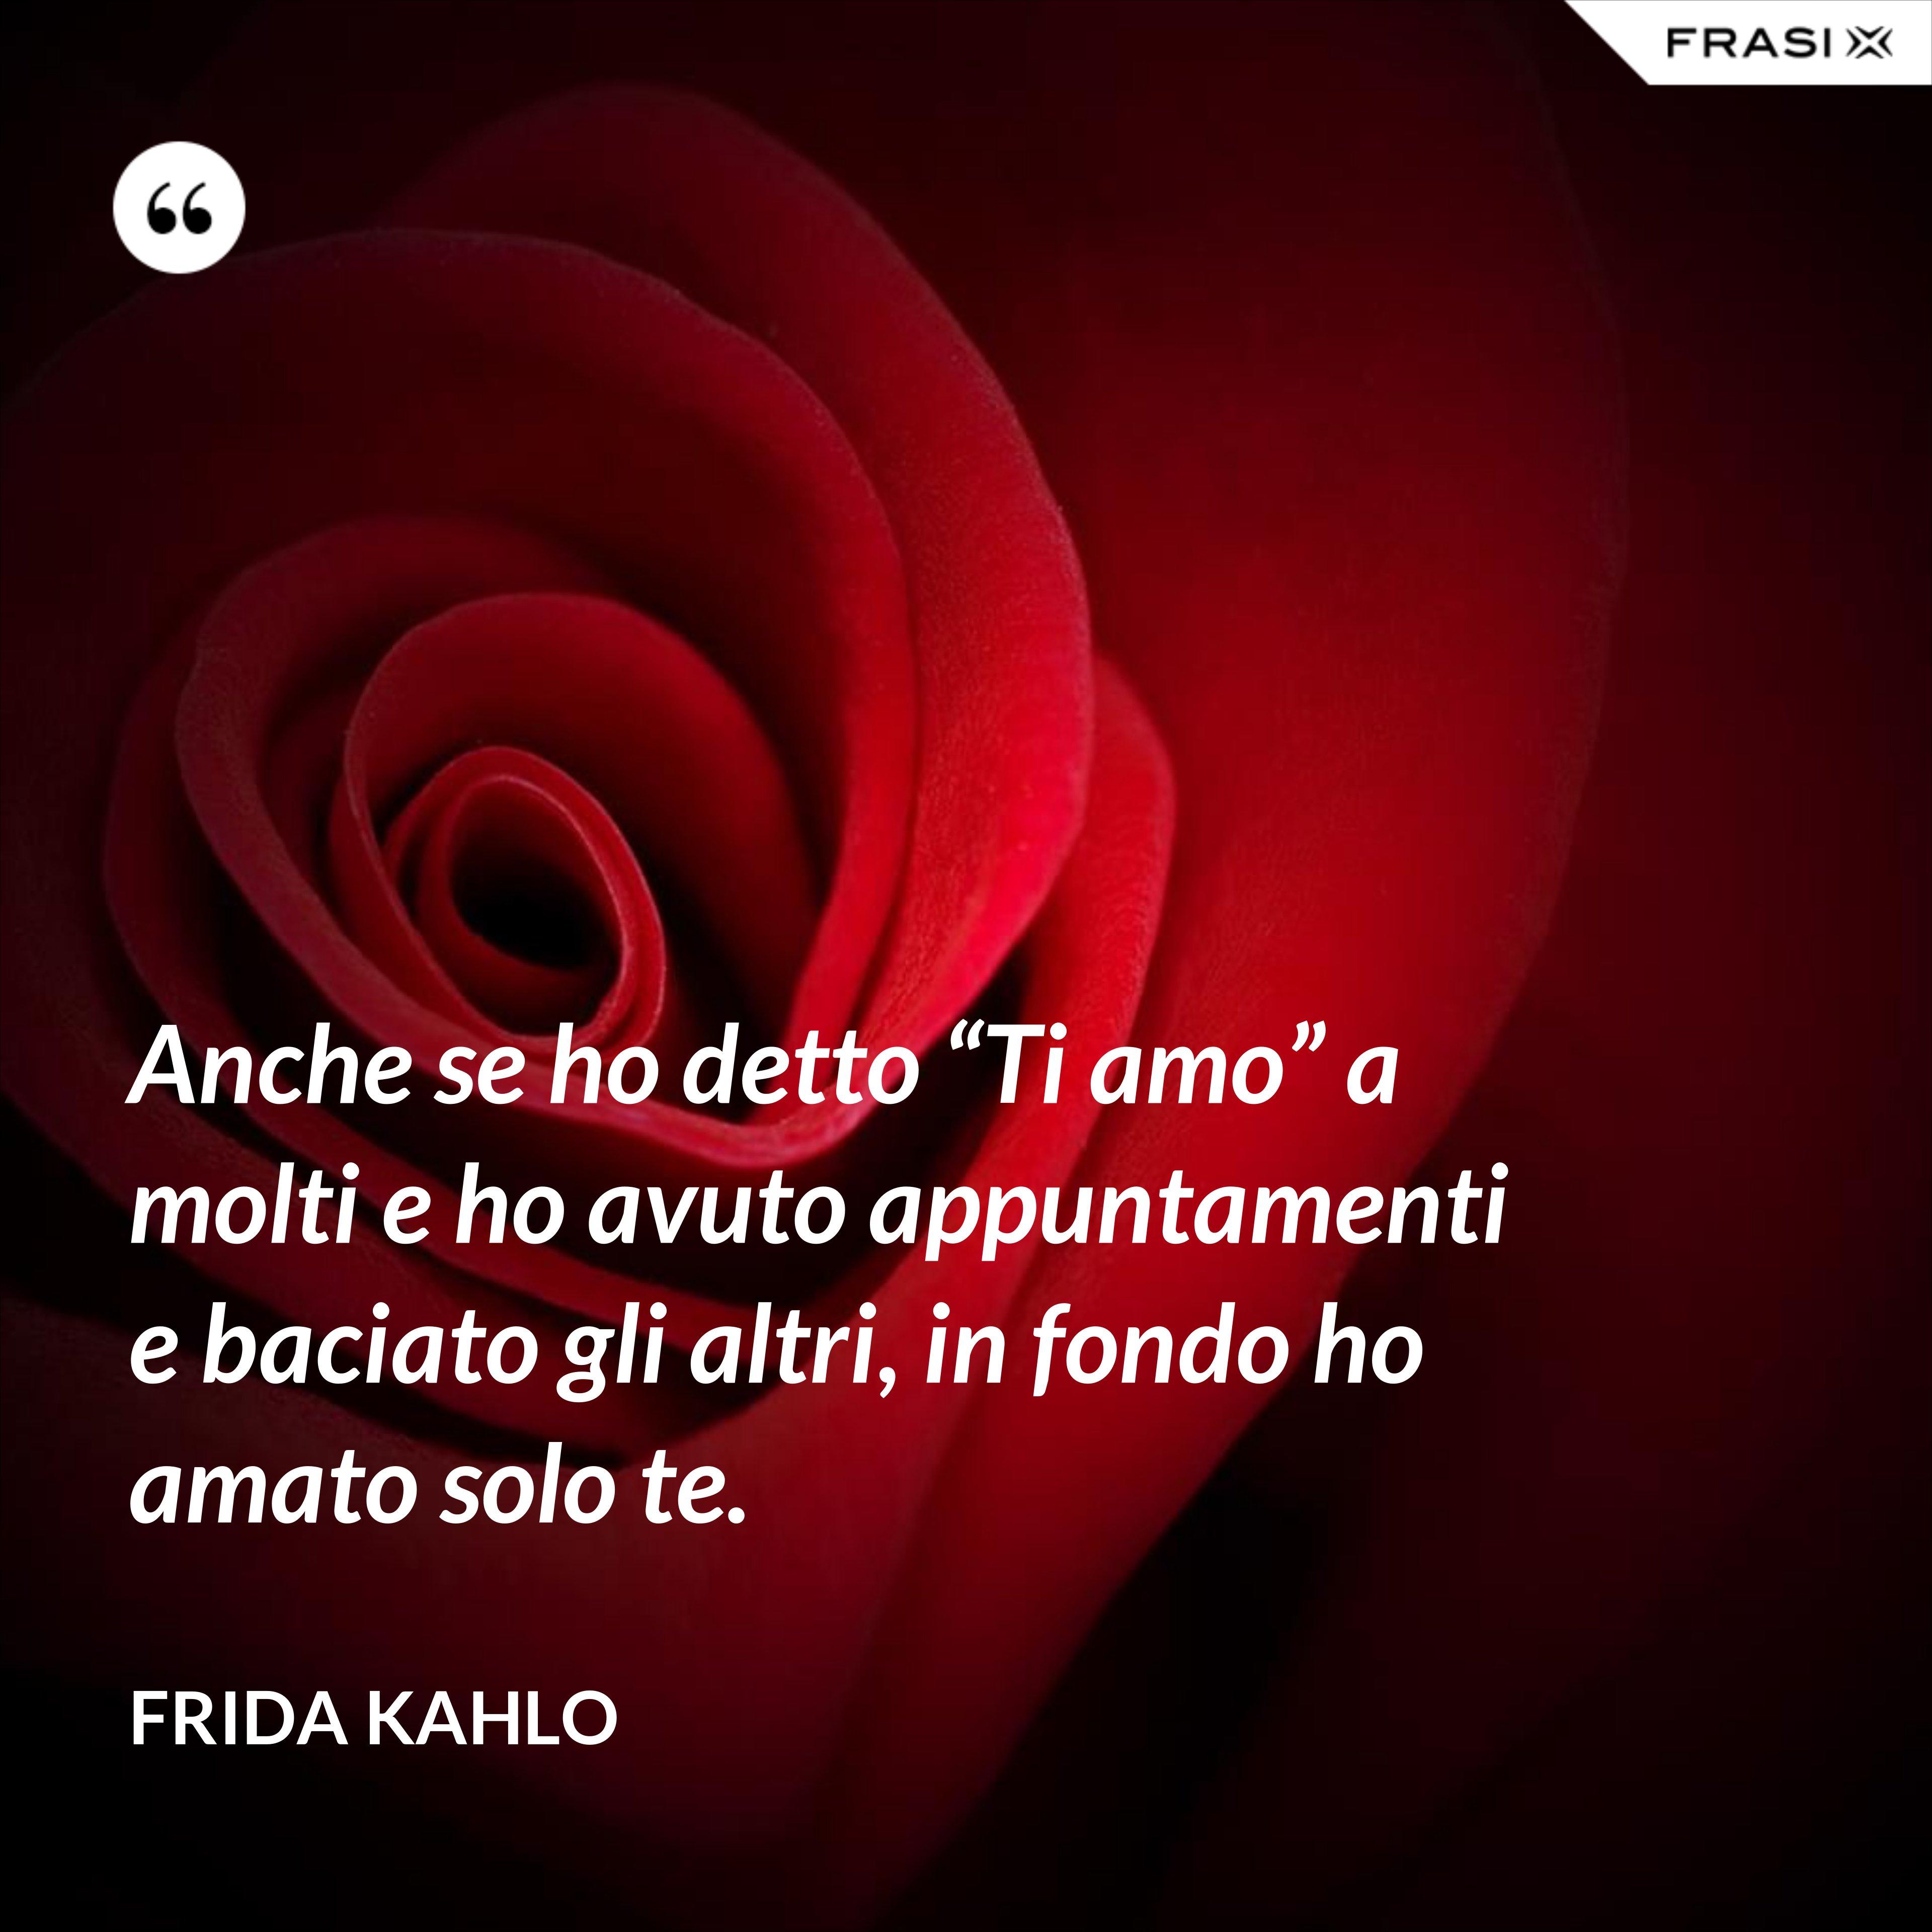 """Anche se ho detto """"Ti amo"""" a molti e ho avuto appuntamenti e baciato gli altri, in fondo ho amato solo te. - Frida Kahlo"""